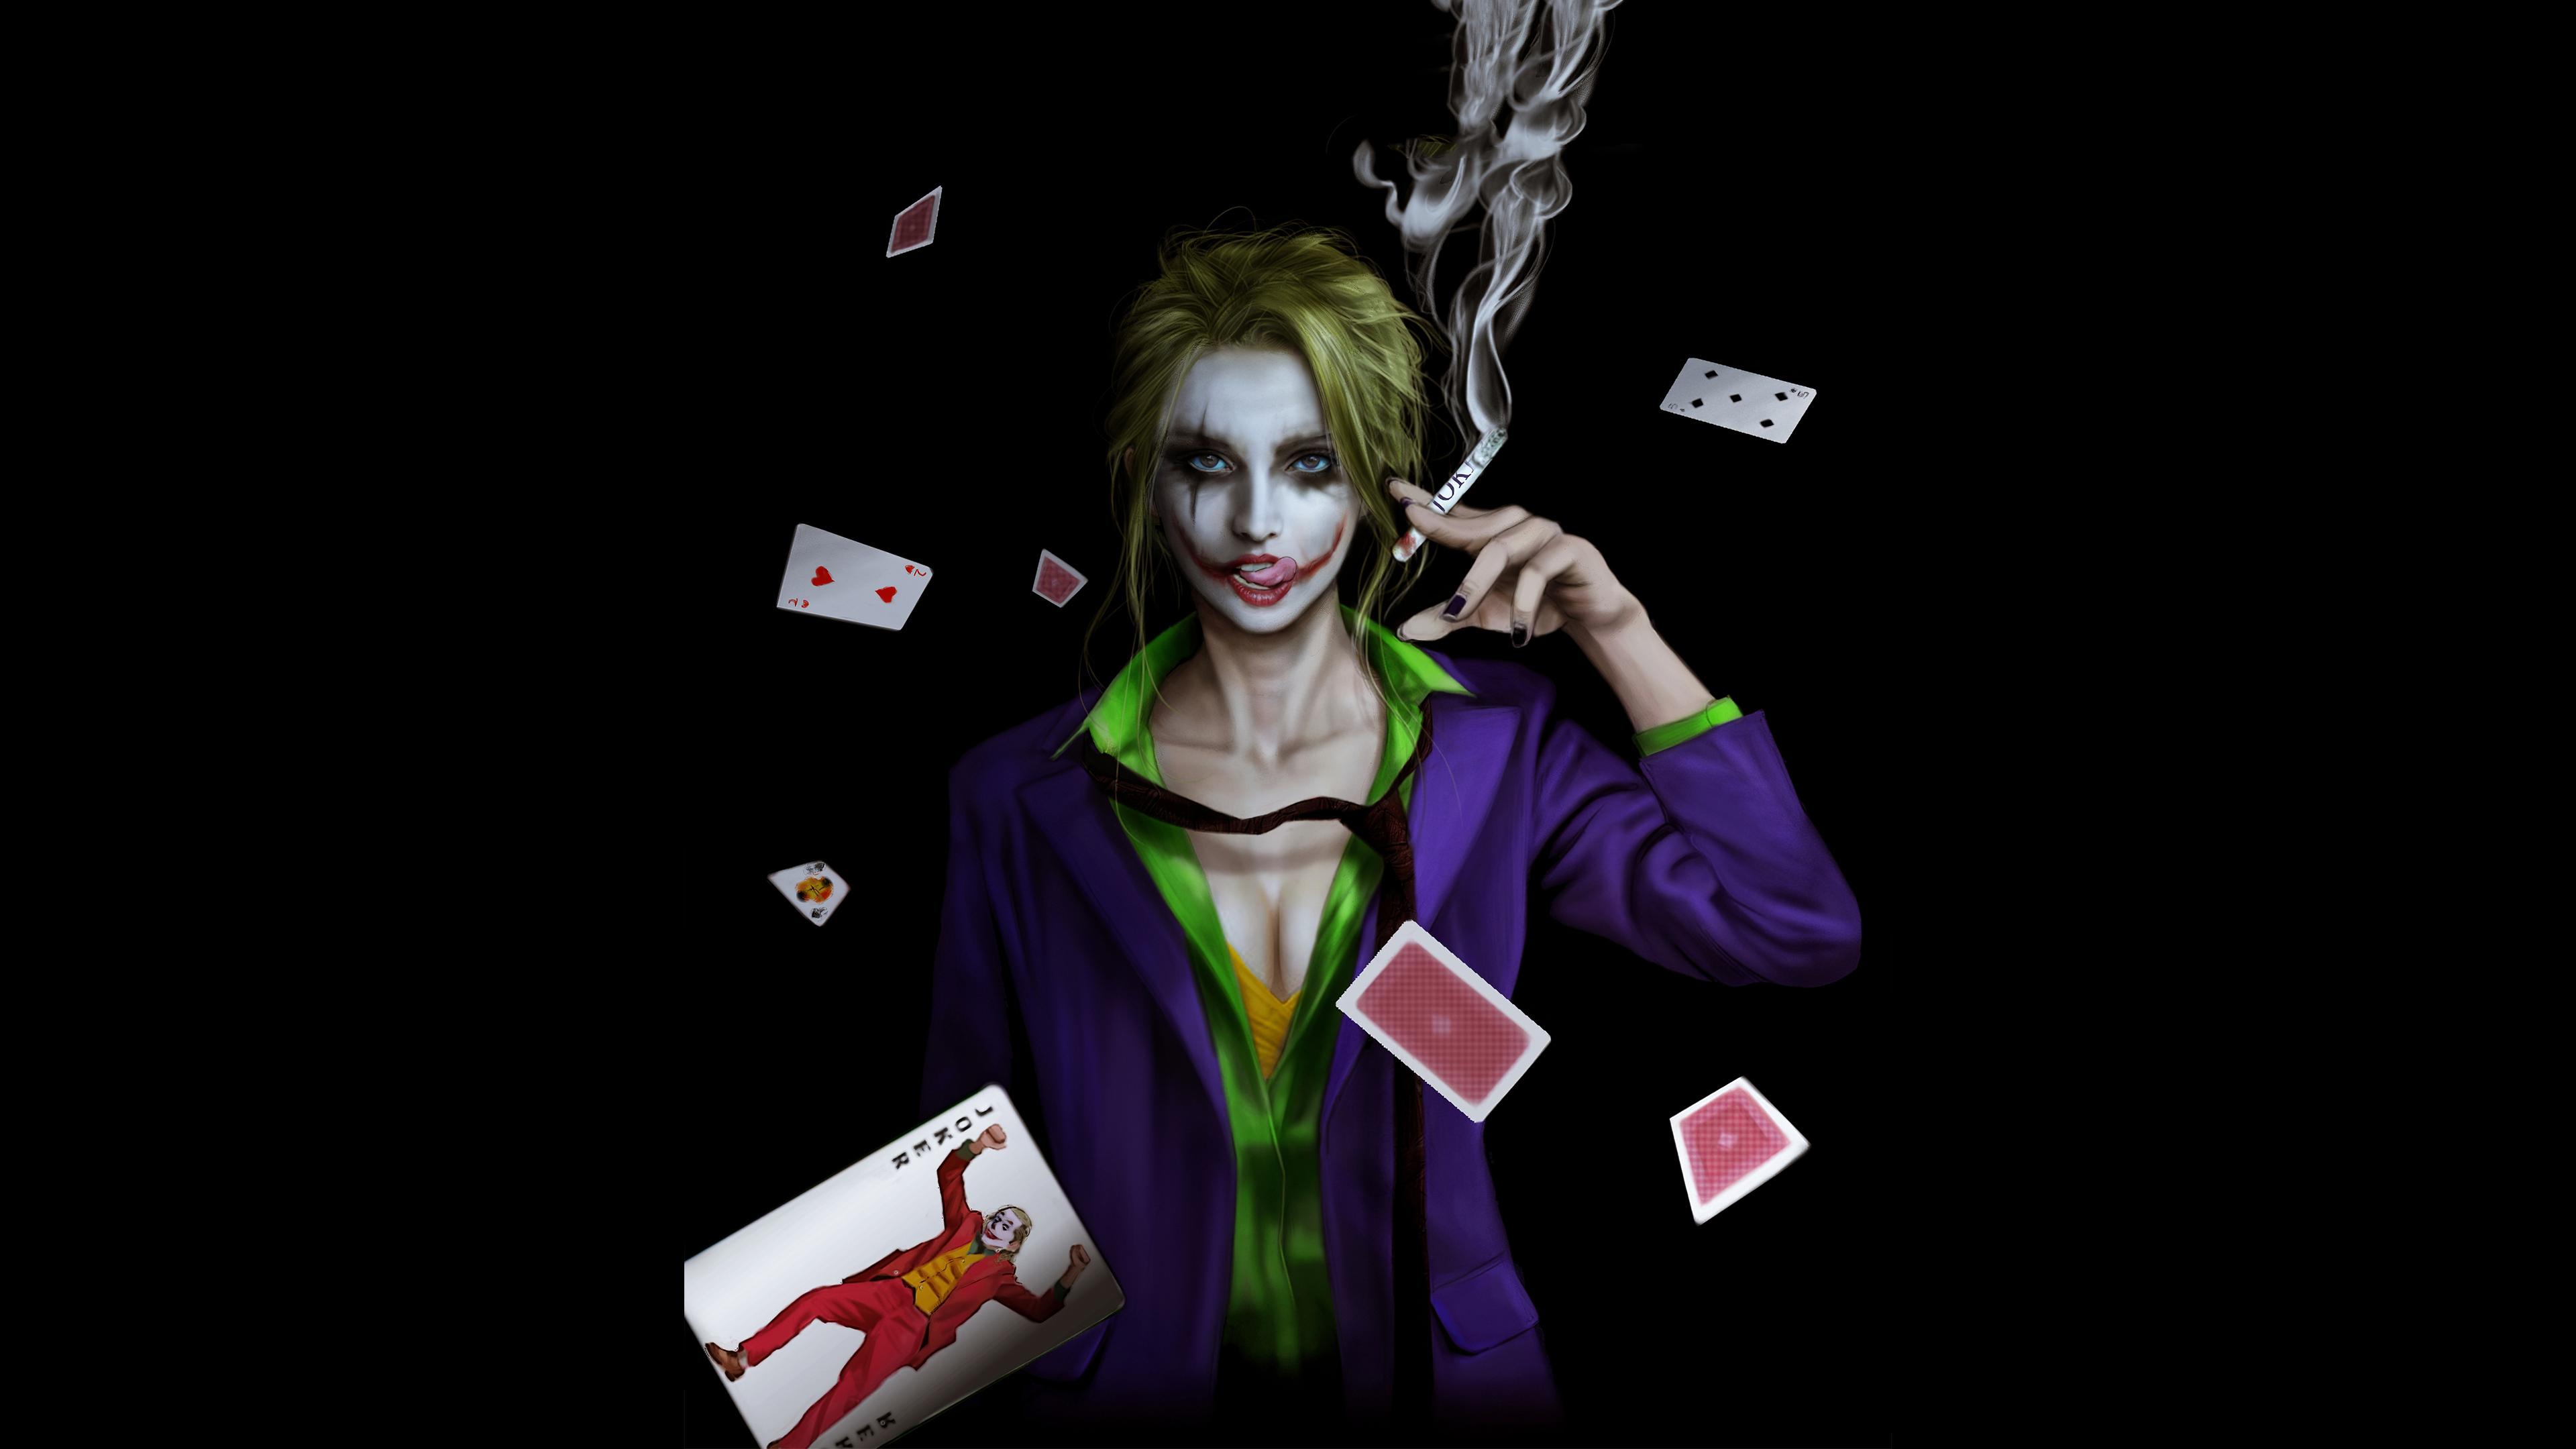 joker-girl-smoking-4r.jpg